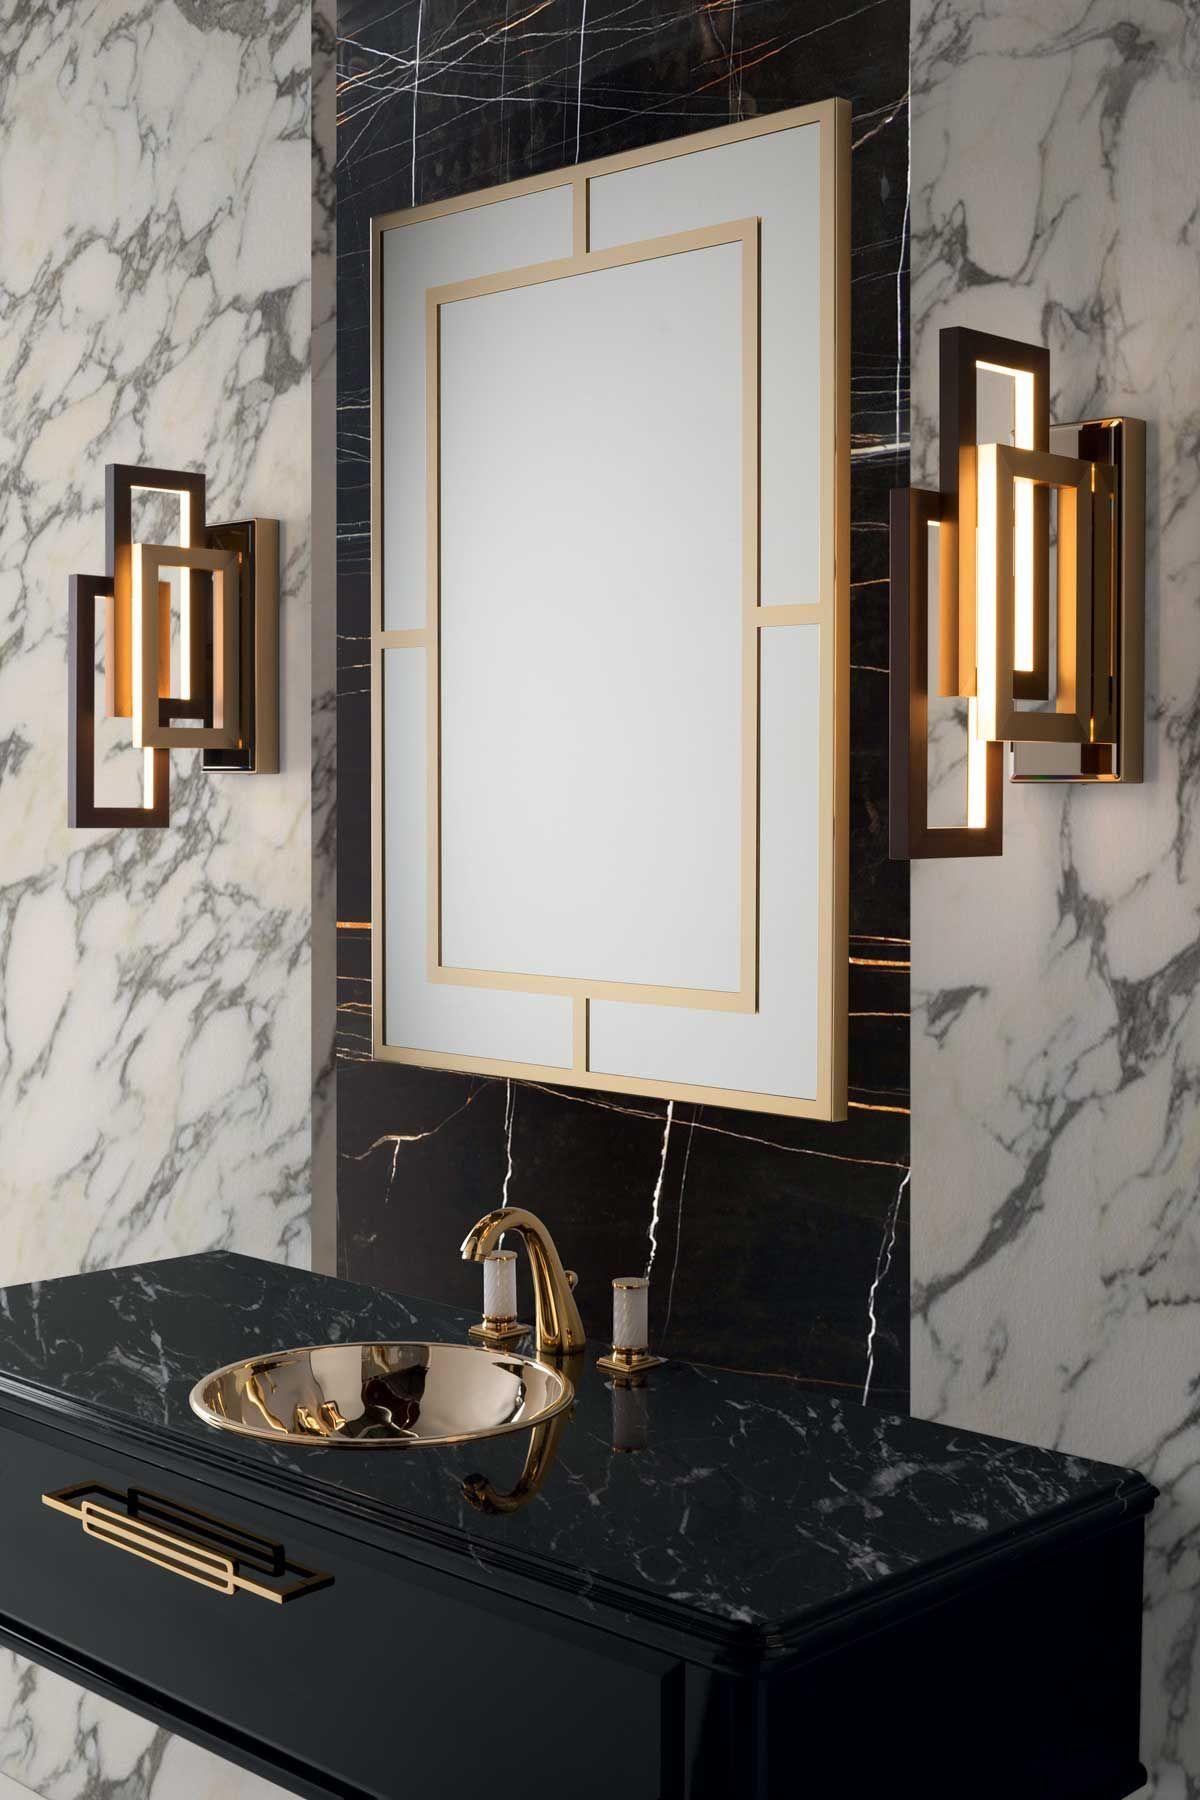 Image Result For Art Deco Bathroom Mirror Cabinet Art Deco Badezimmer Deko Interieur Badezimmer Dekor [ 1800 x 1200 Pixel ]